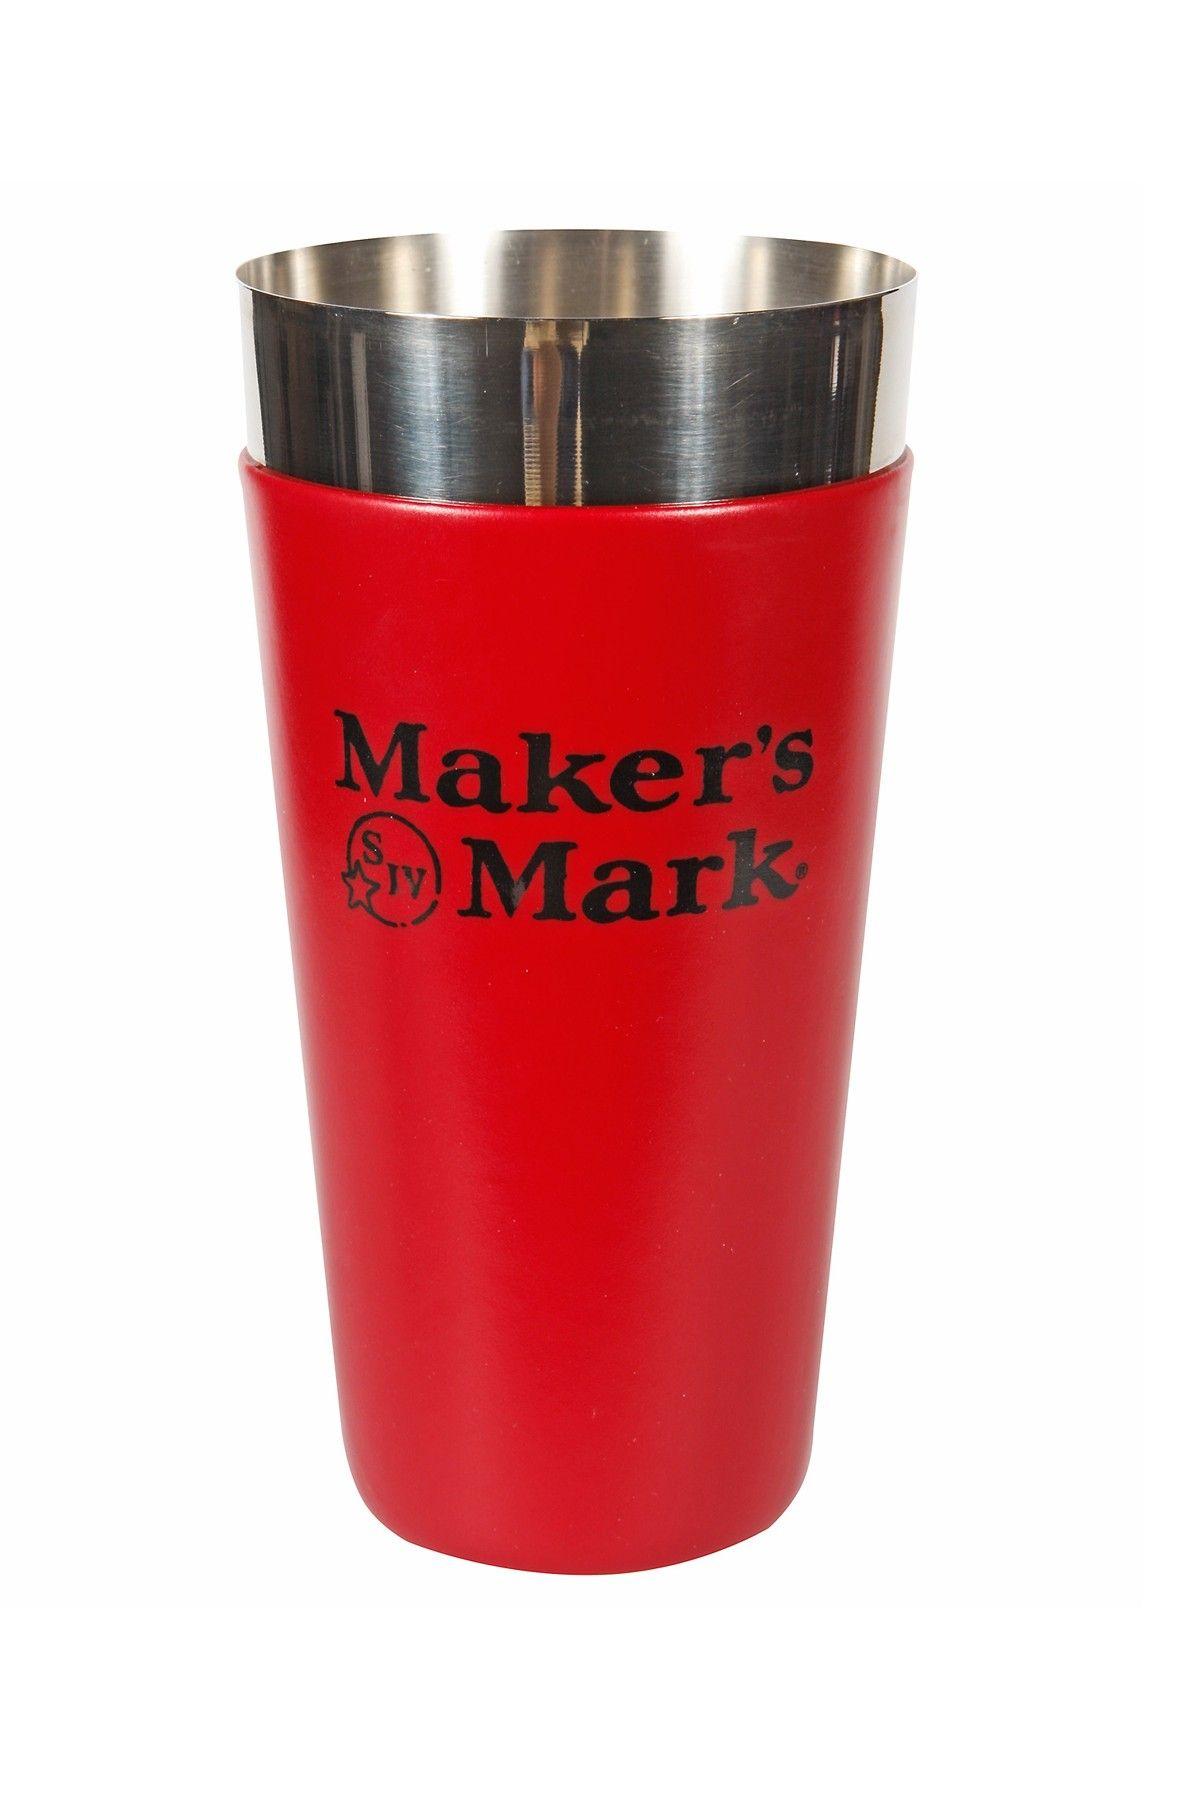 Maker S Mark Boston Shaker Hautelook Makers Mark Fine Wine And Spirits Kentucky Bourbon Whisky